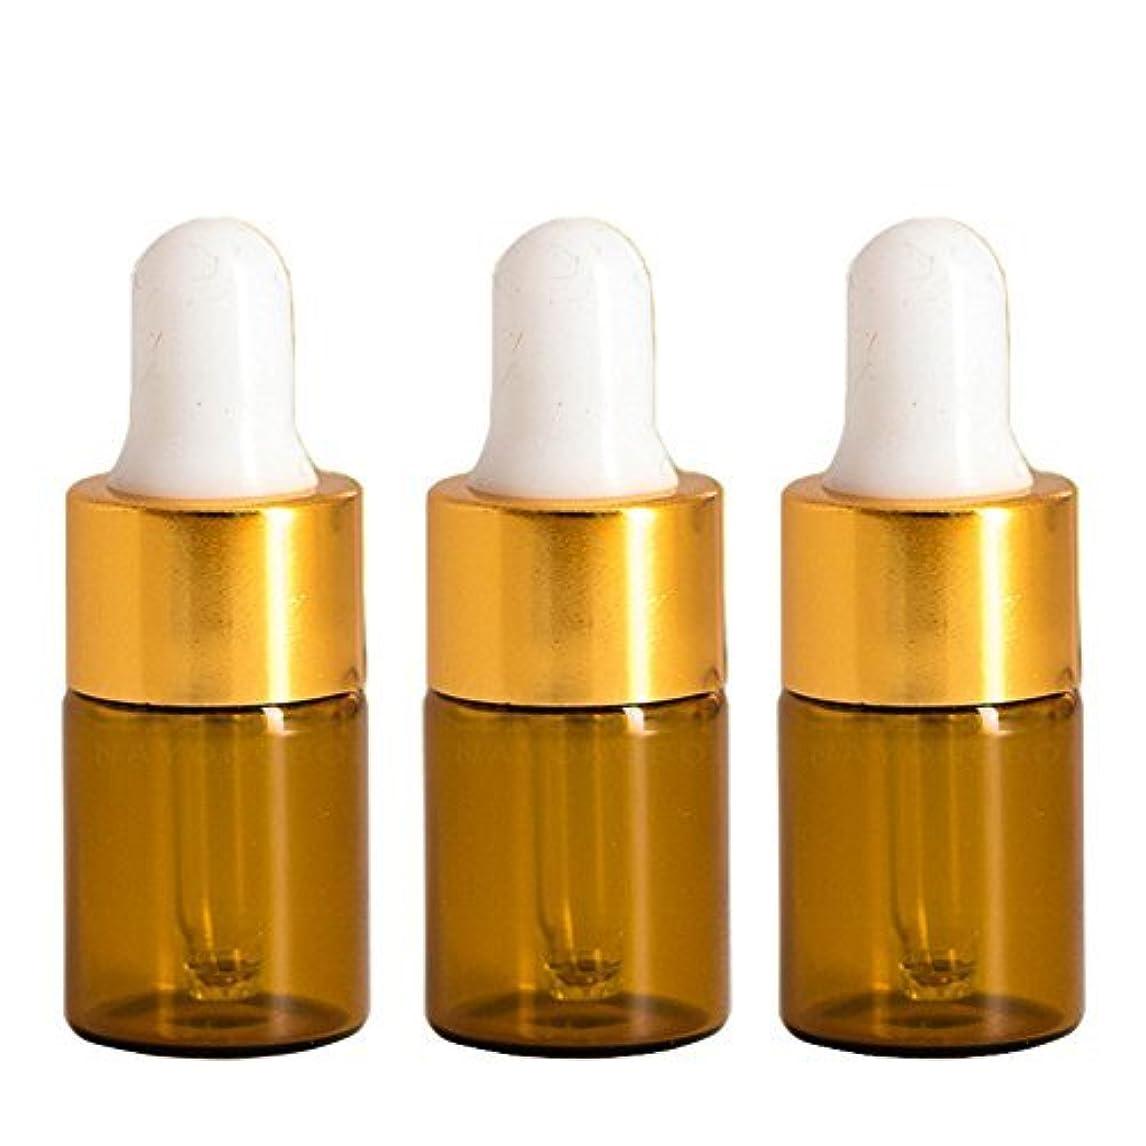 ストレッチ息切れ安西Furnido 15 pieces Mini Amber Glass Bottle with White Glass Pipette Dropper Rubber &Gold caps for Small Portable...